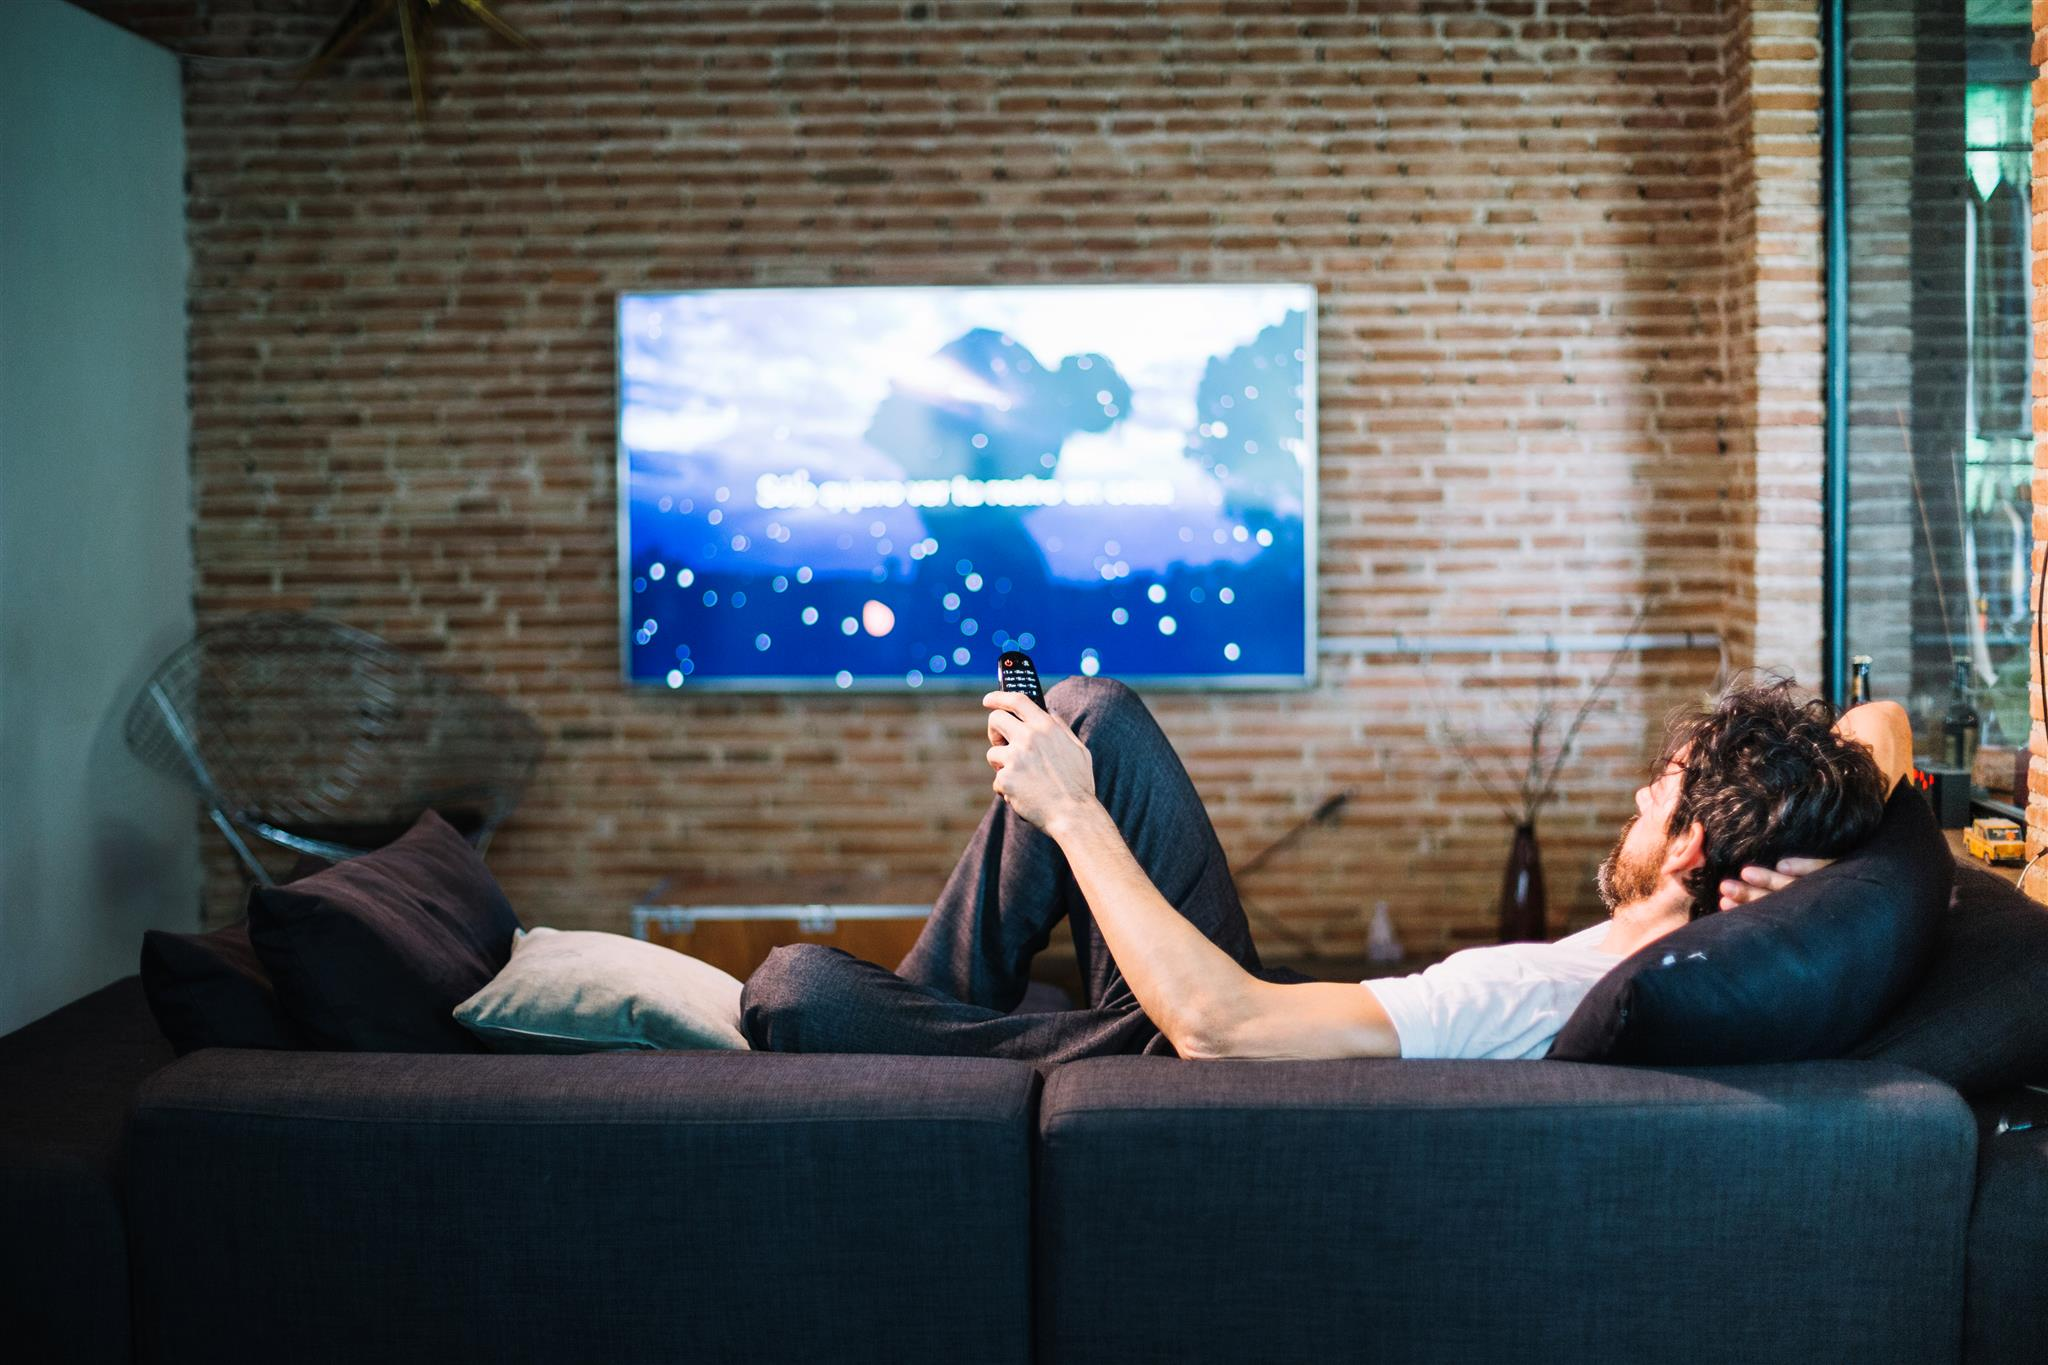 Dicas para escolher uma TV